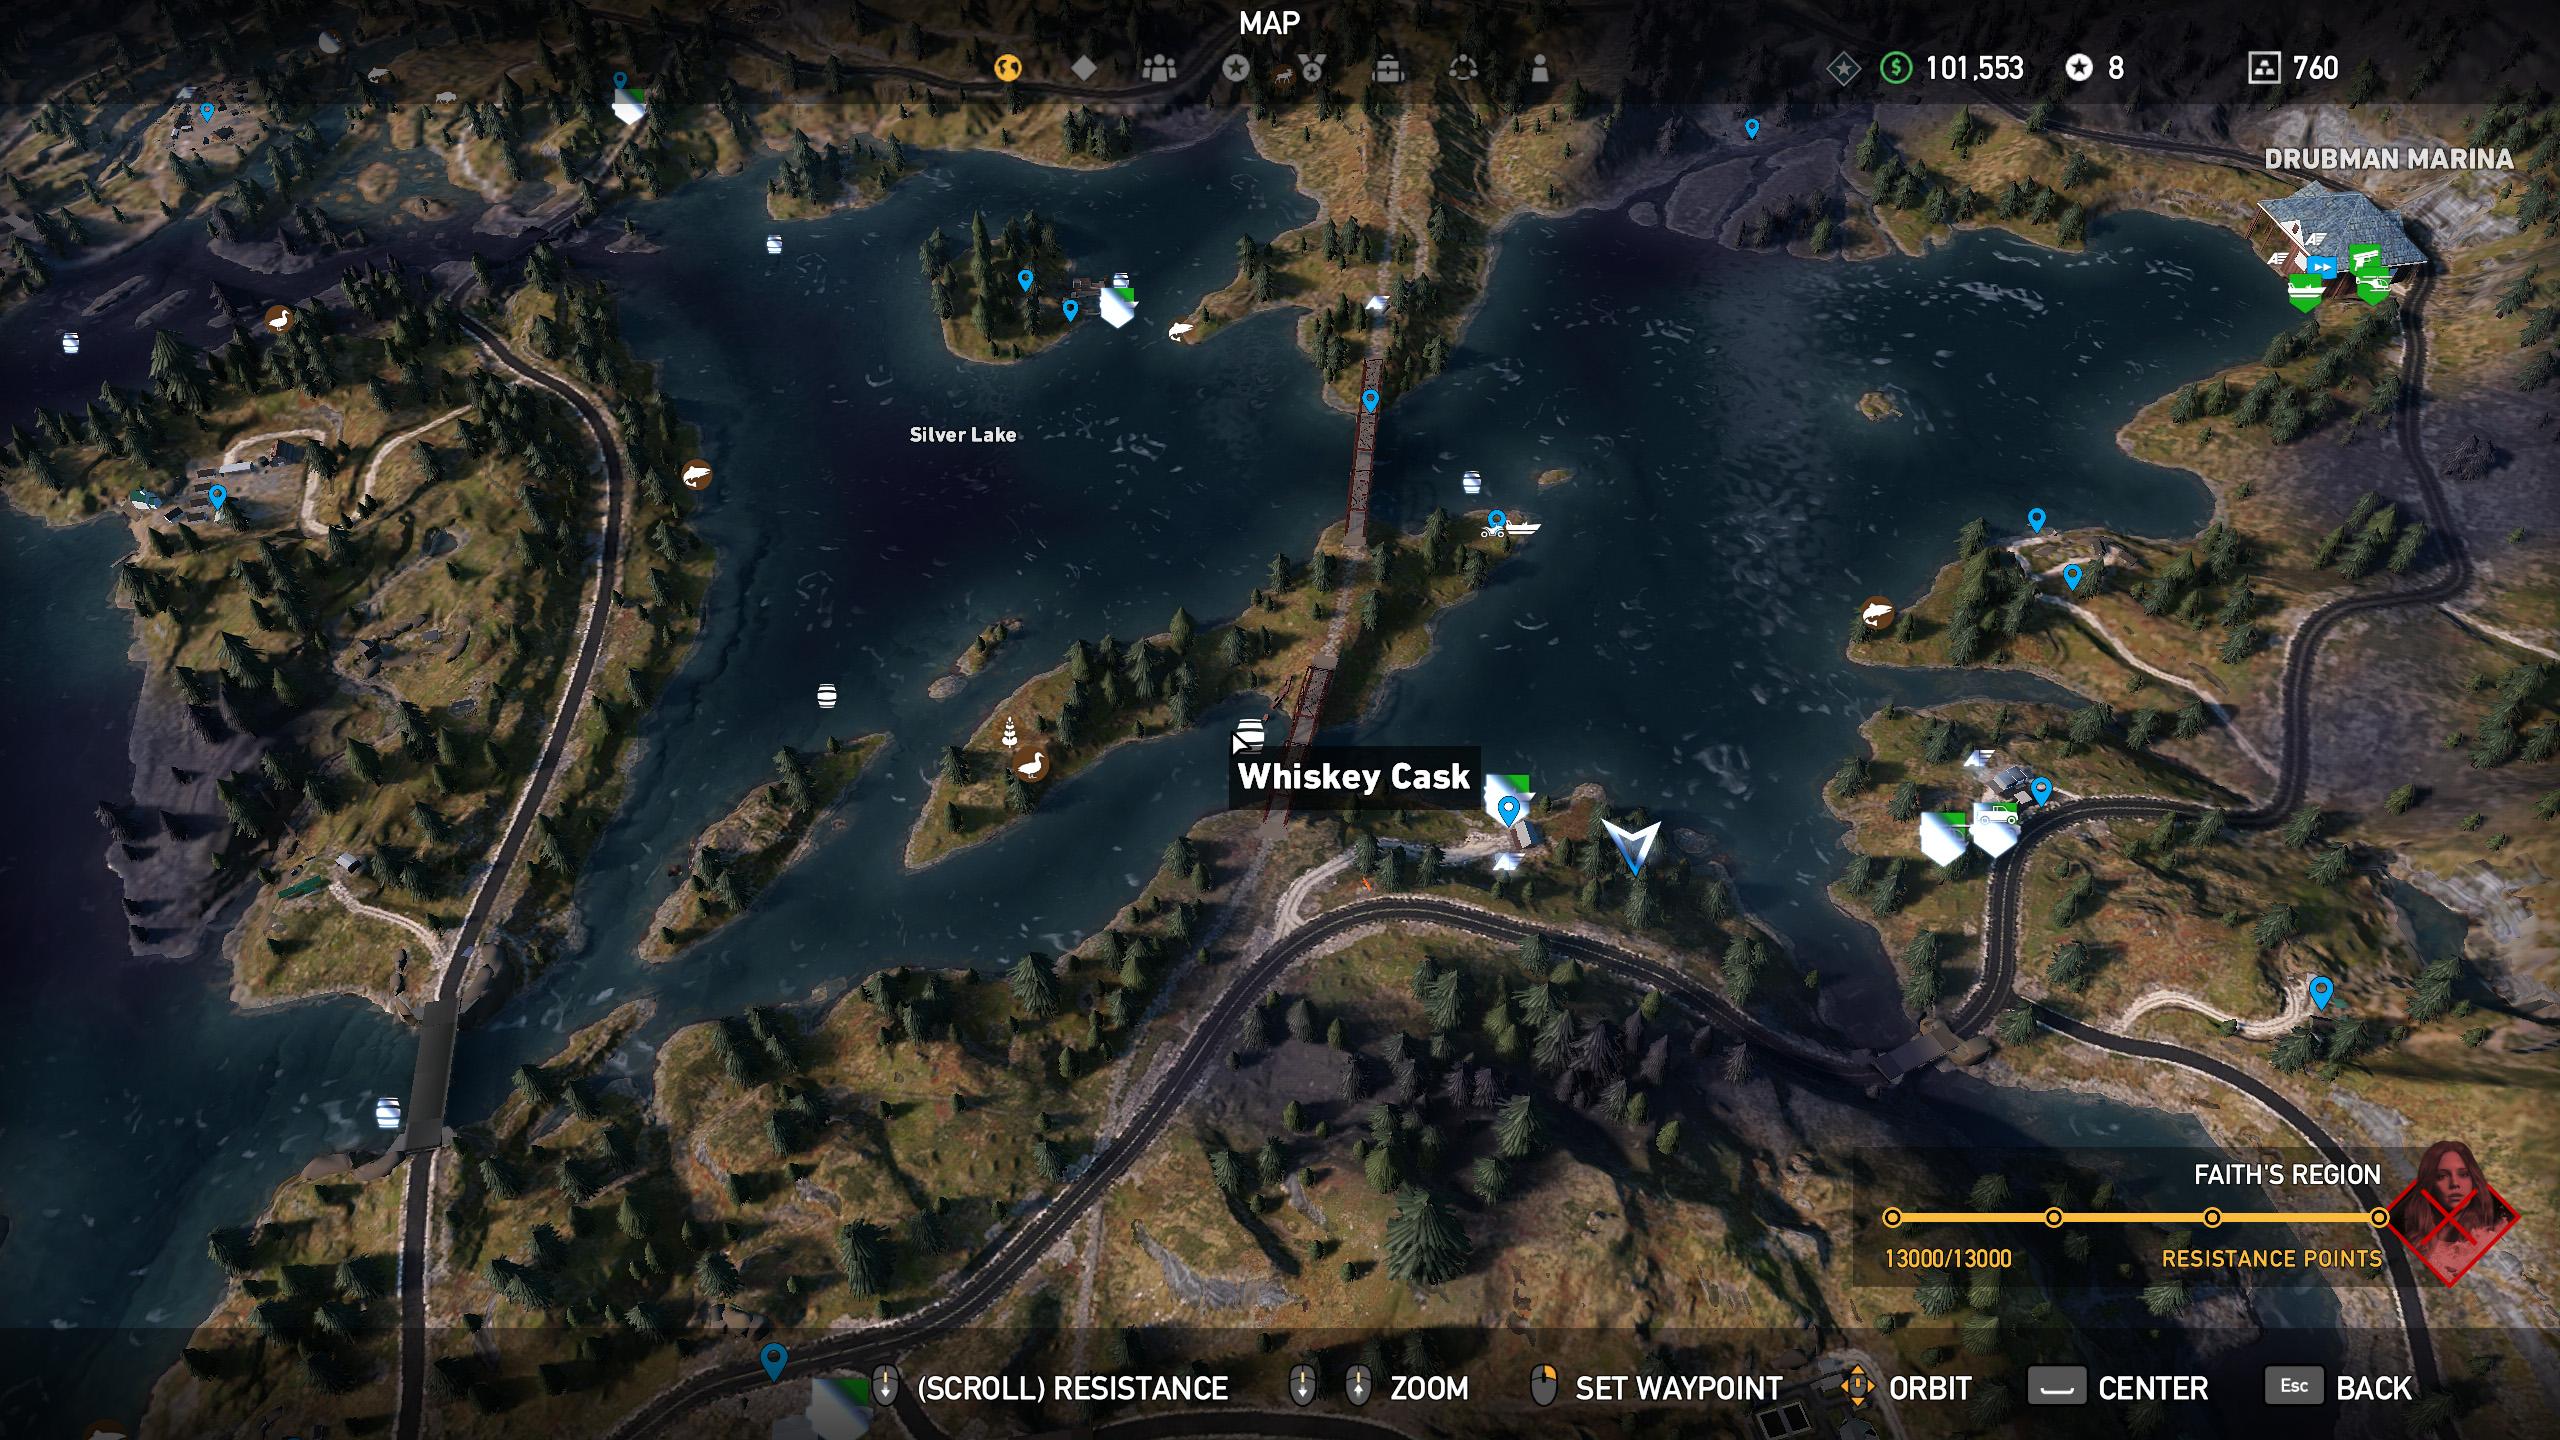 Far Cry 5 whiskey barrel location 4